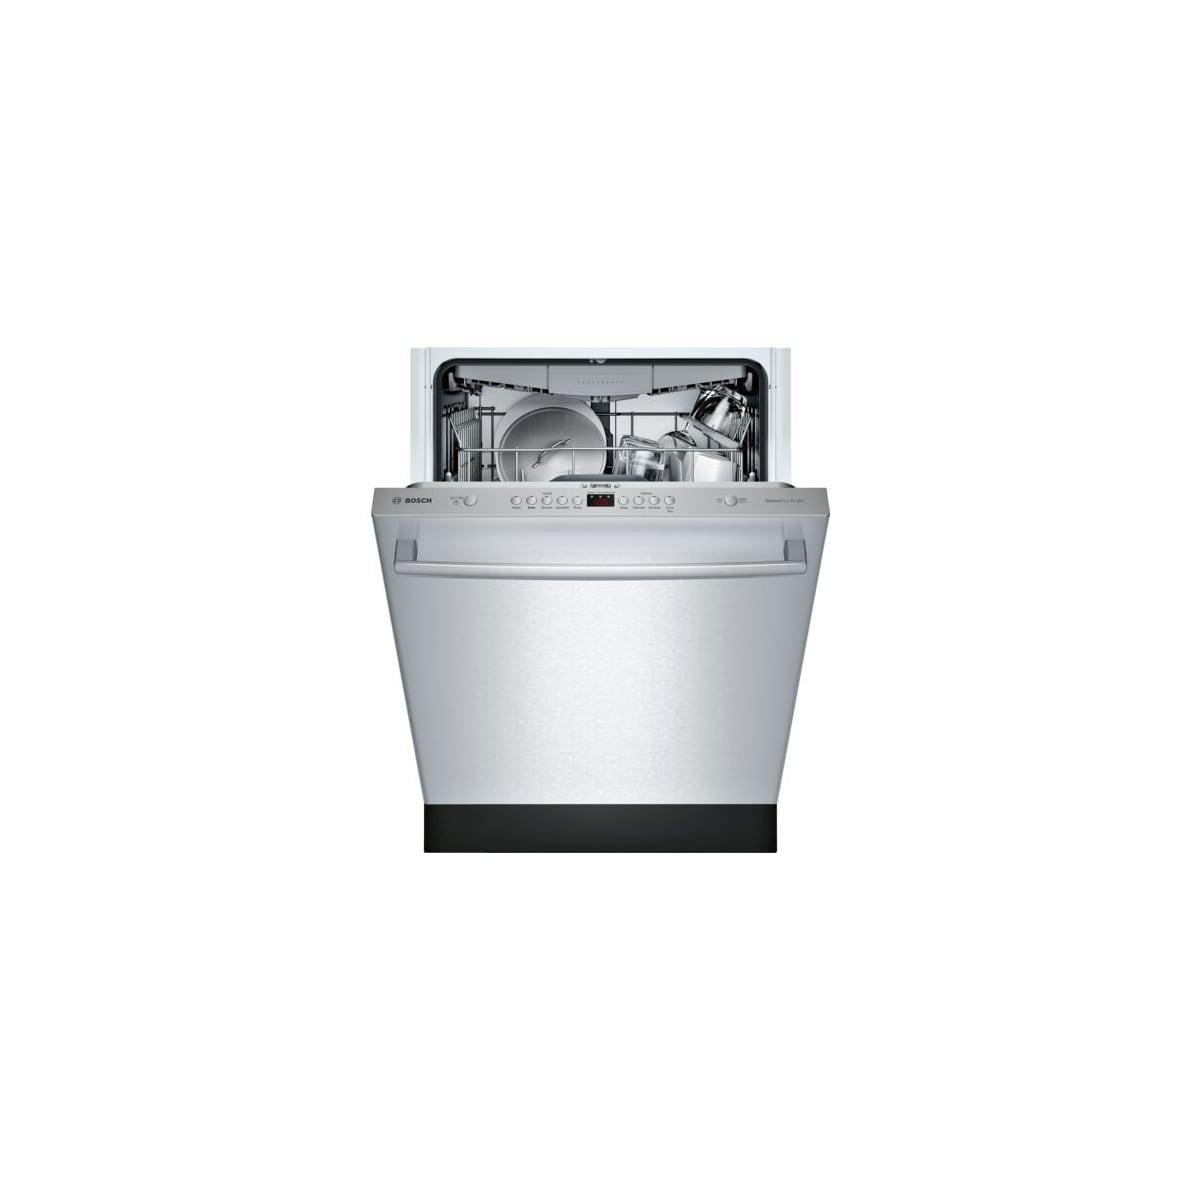 10 BEST Bosch Third Rack Dishwashers of March 2020 17